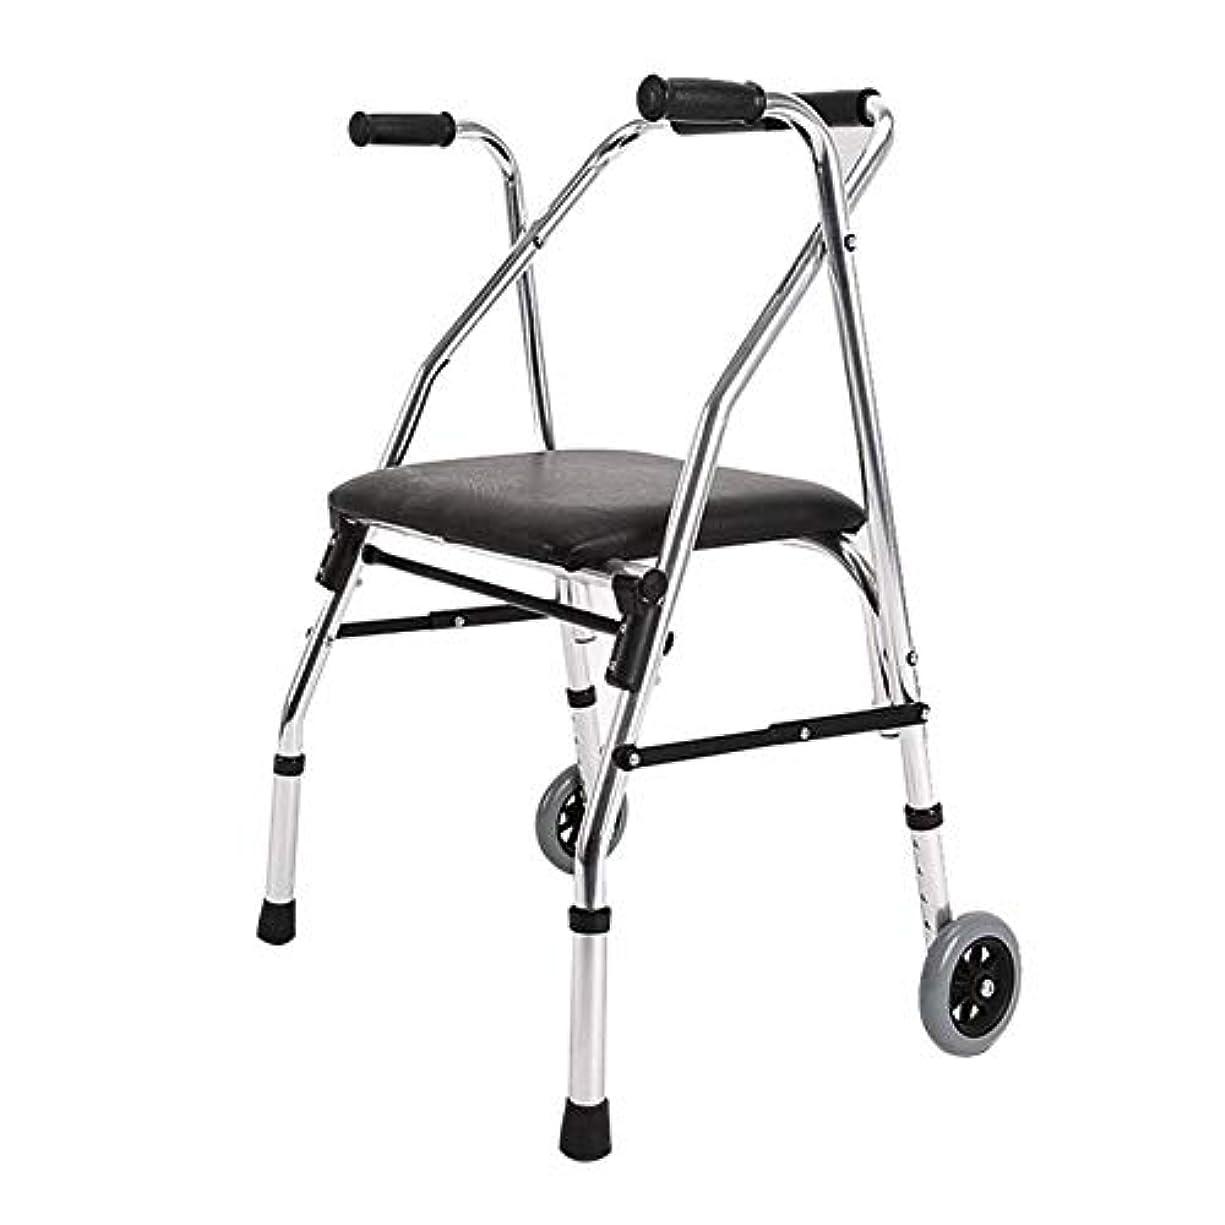 軽量ウォーカー、パッド入りシートとバッグコンパクト折りたたみデザイン高齢者ウォーカー付きアルミニウムローラー